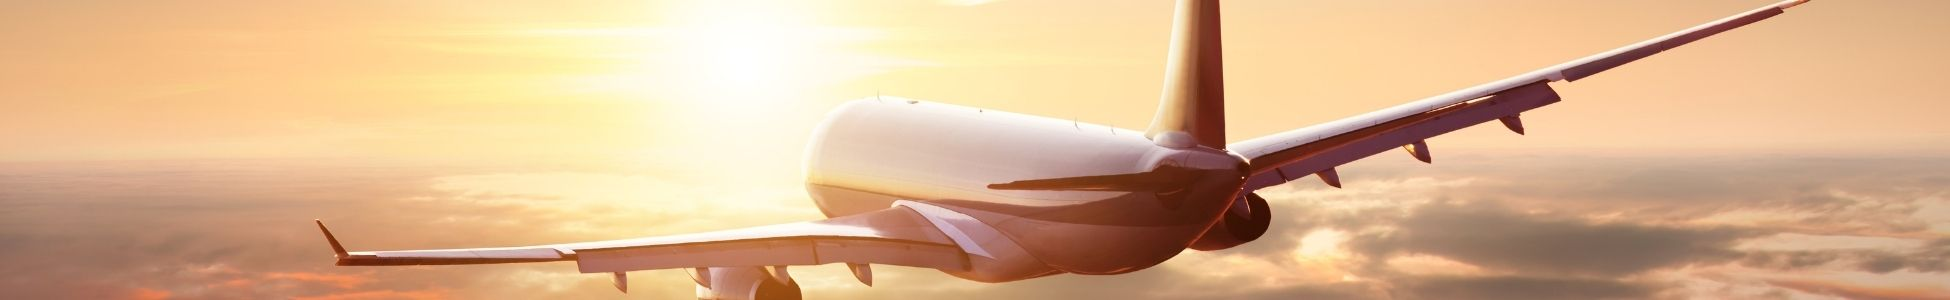 A plane